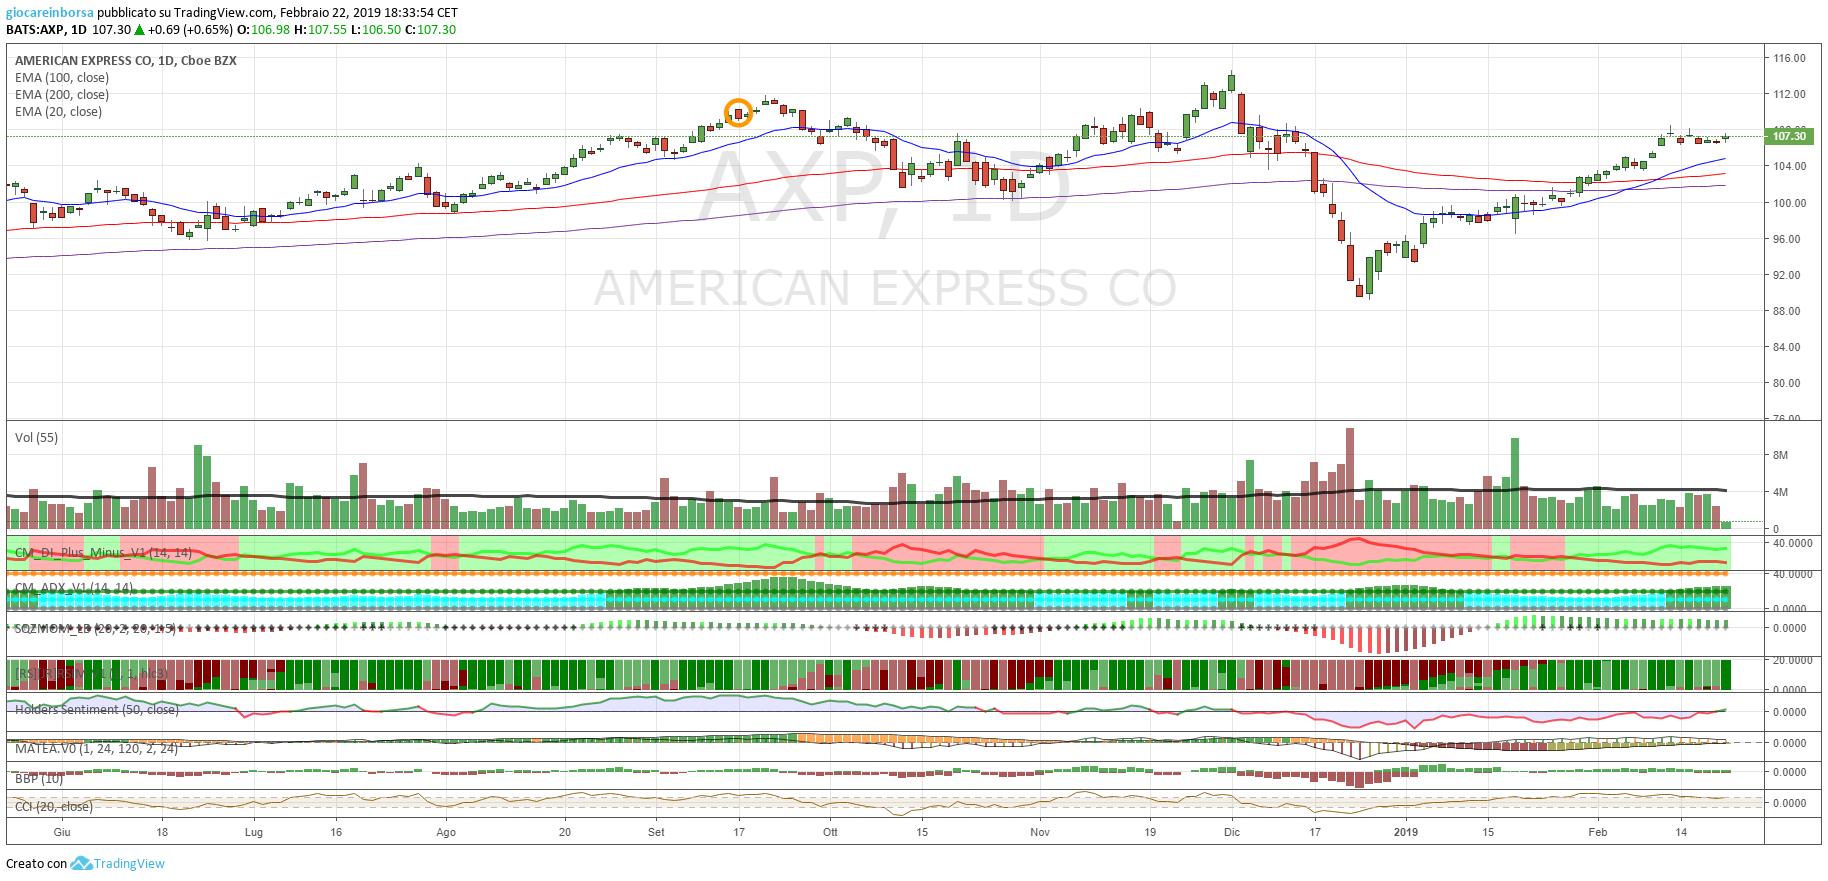 Azione American Express